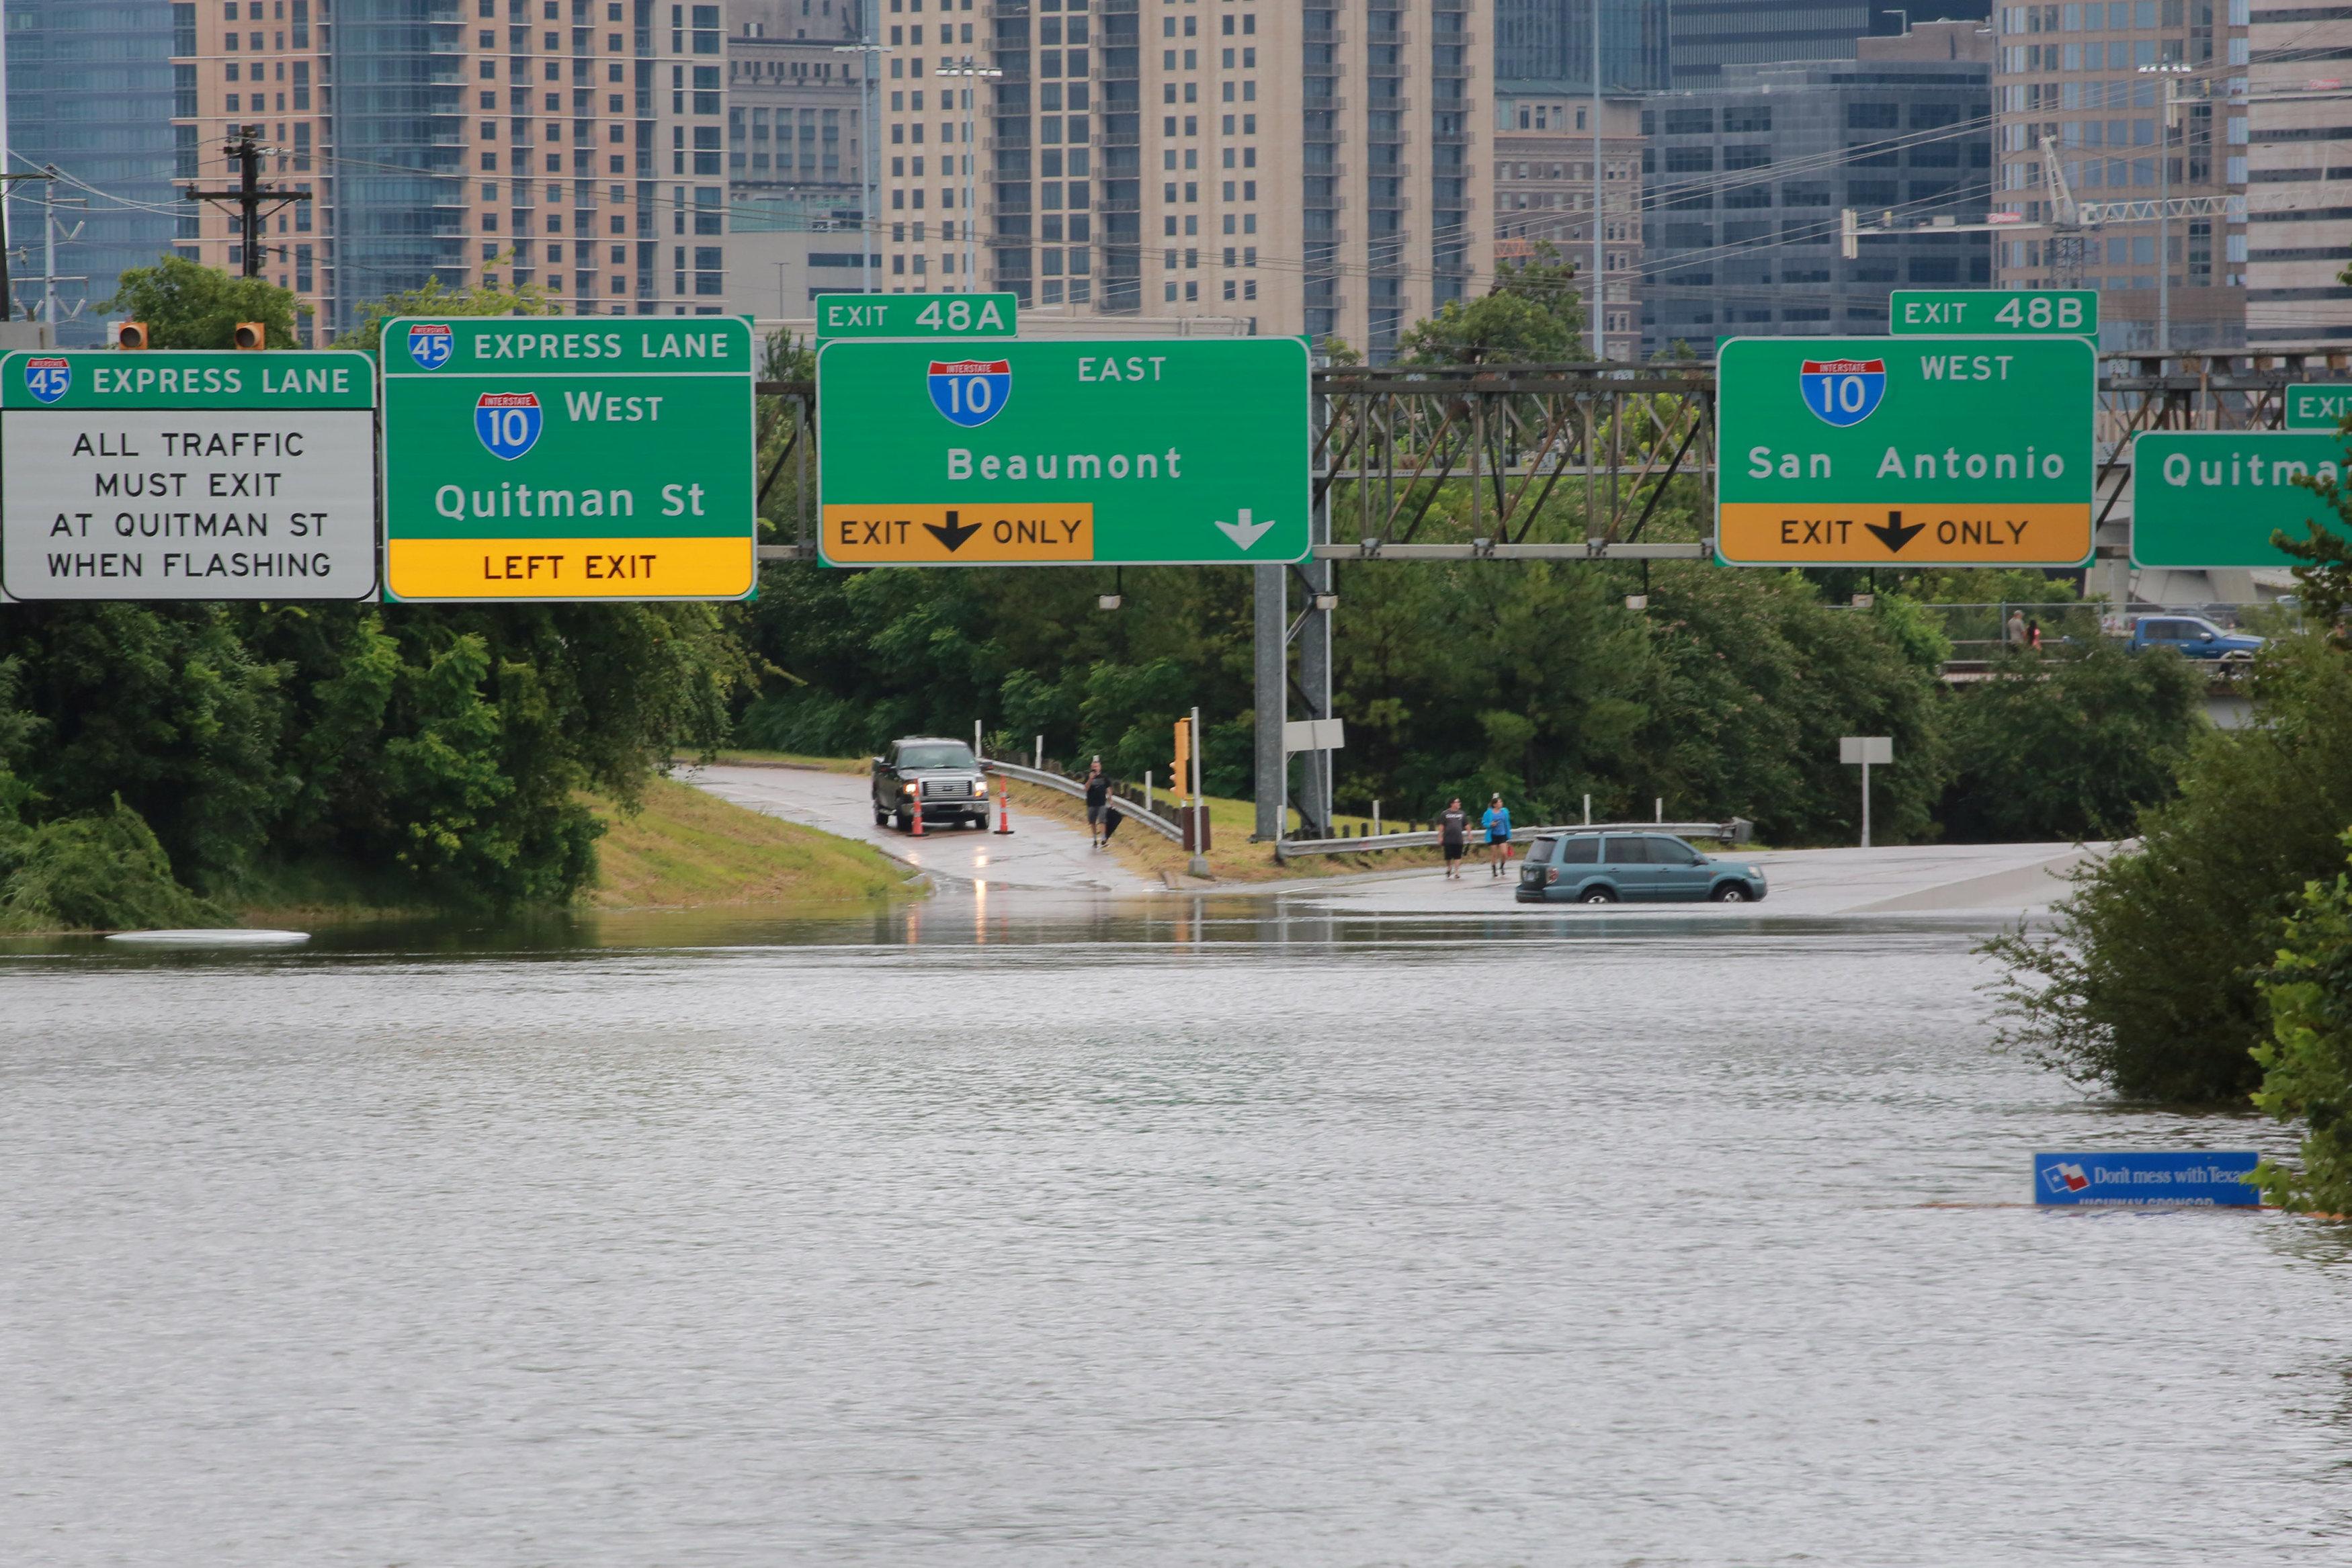 بالصور: الفيضانات تجتاح تكساس